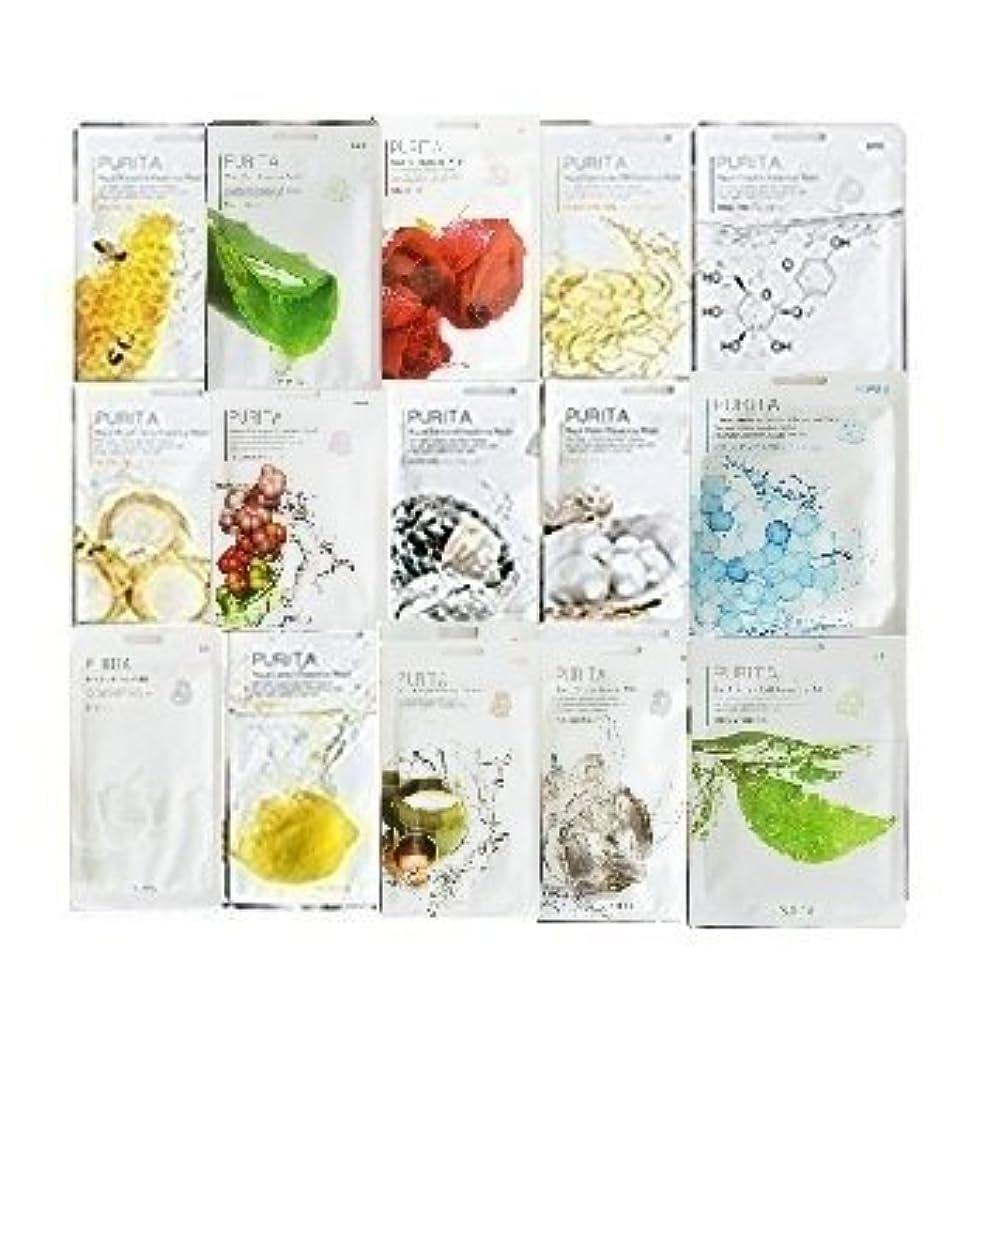 キラウエア山月曜にやにやPURITA ピュリタ エッセンスマスク 人気15種類セット 15パック